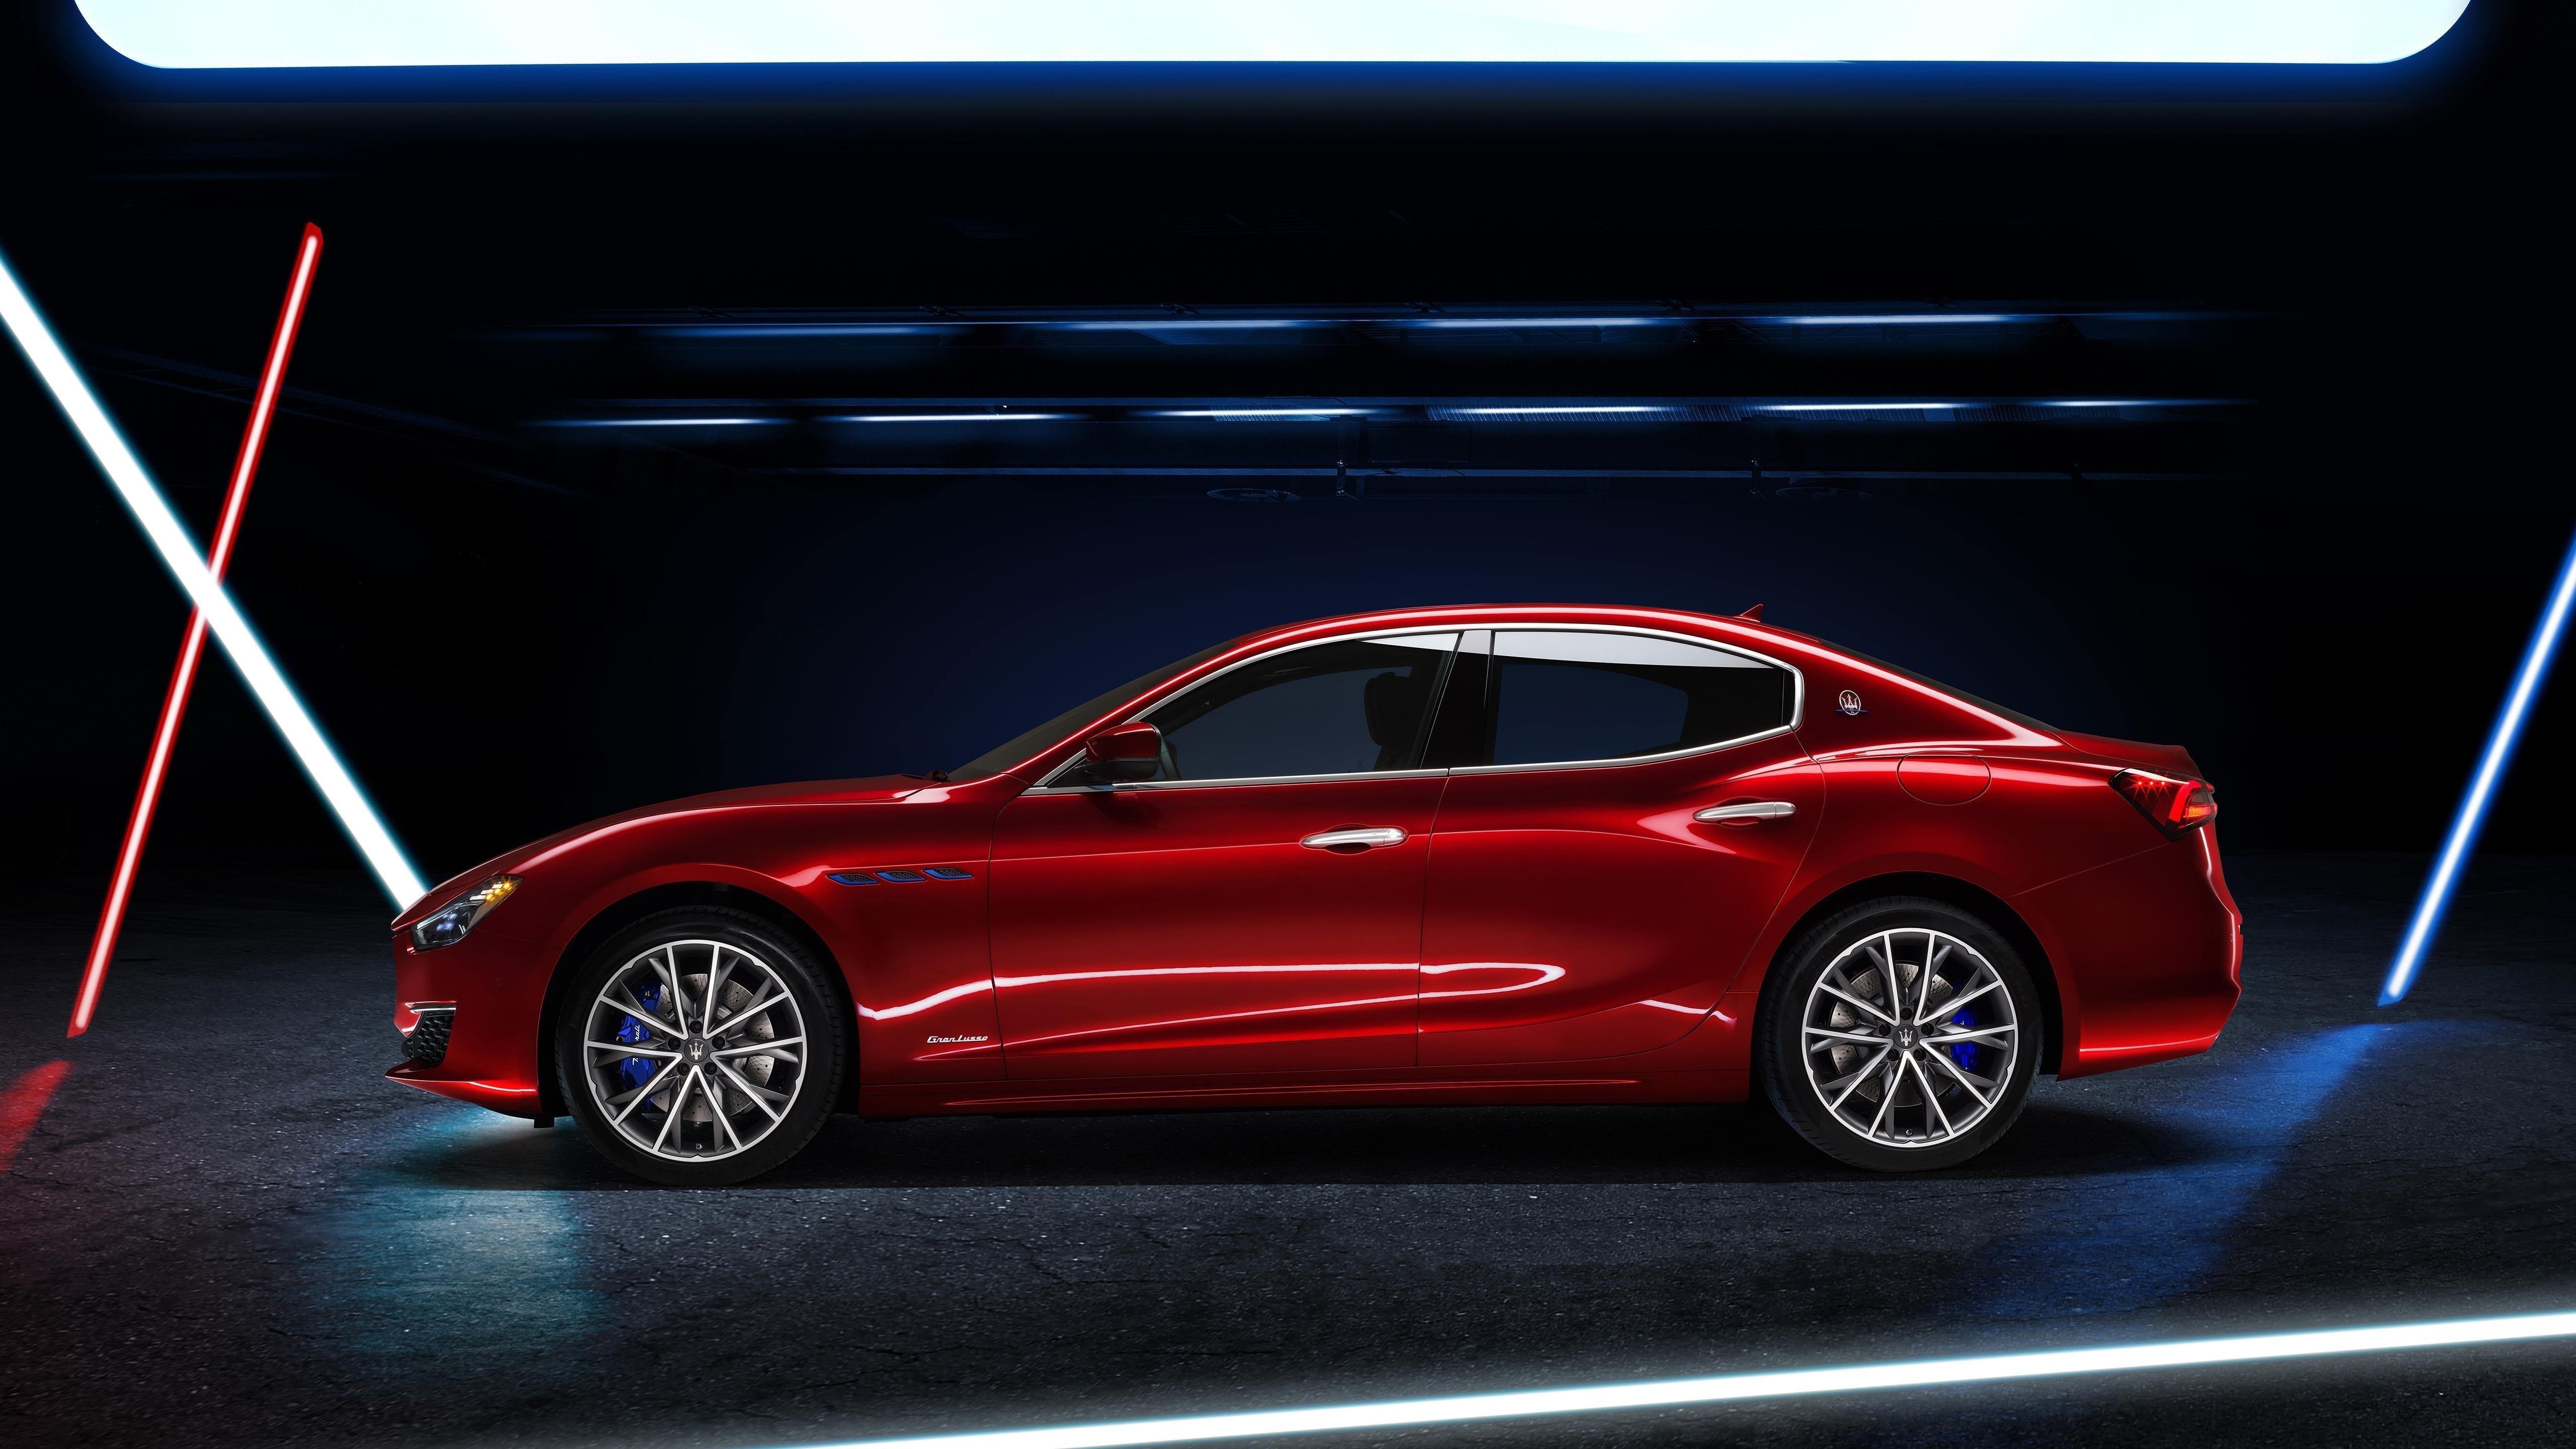 Maserati ghibli gran lusso hybrid 2020 автомобили обои скачать